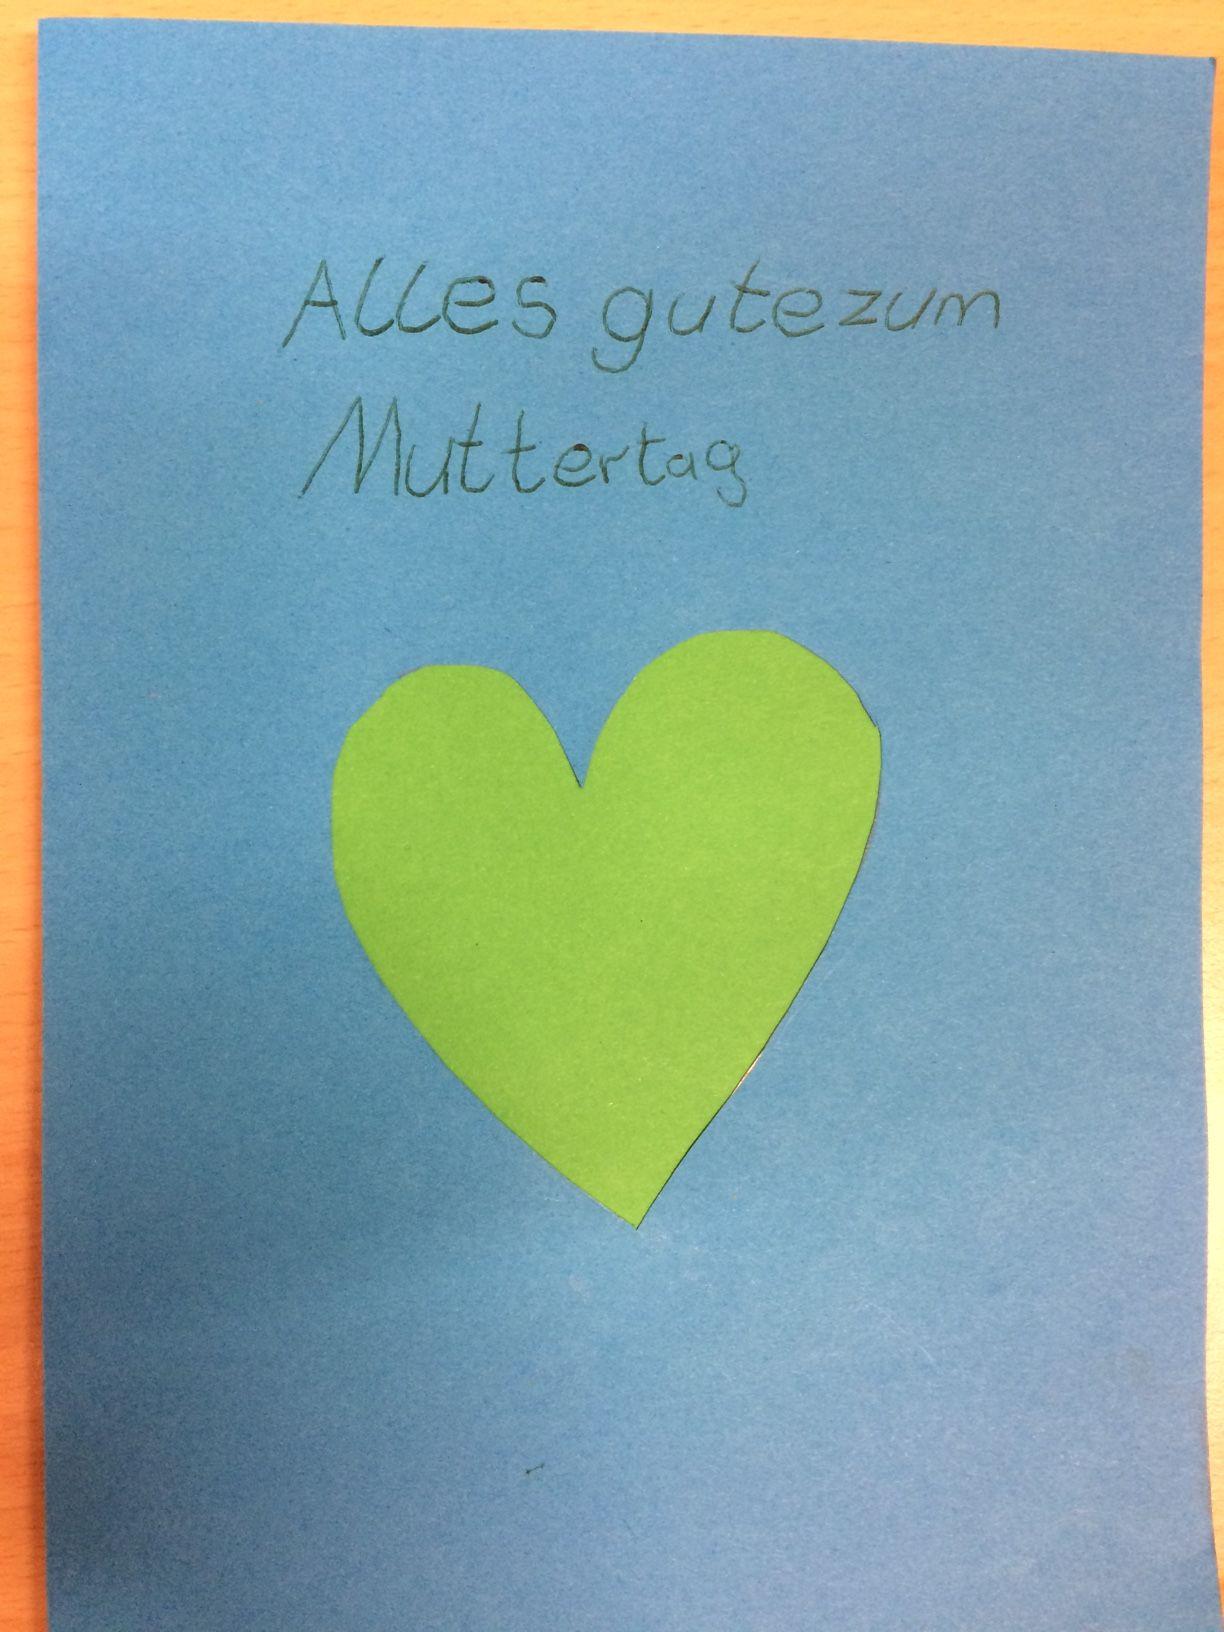 Muttertagskarten Basteln.Wir Basteln Muttertagskarten Grundschule Mit Tagesheim An